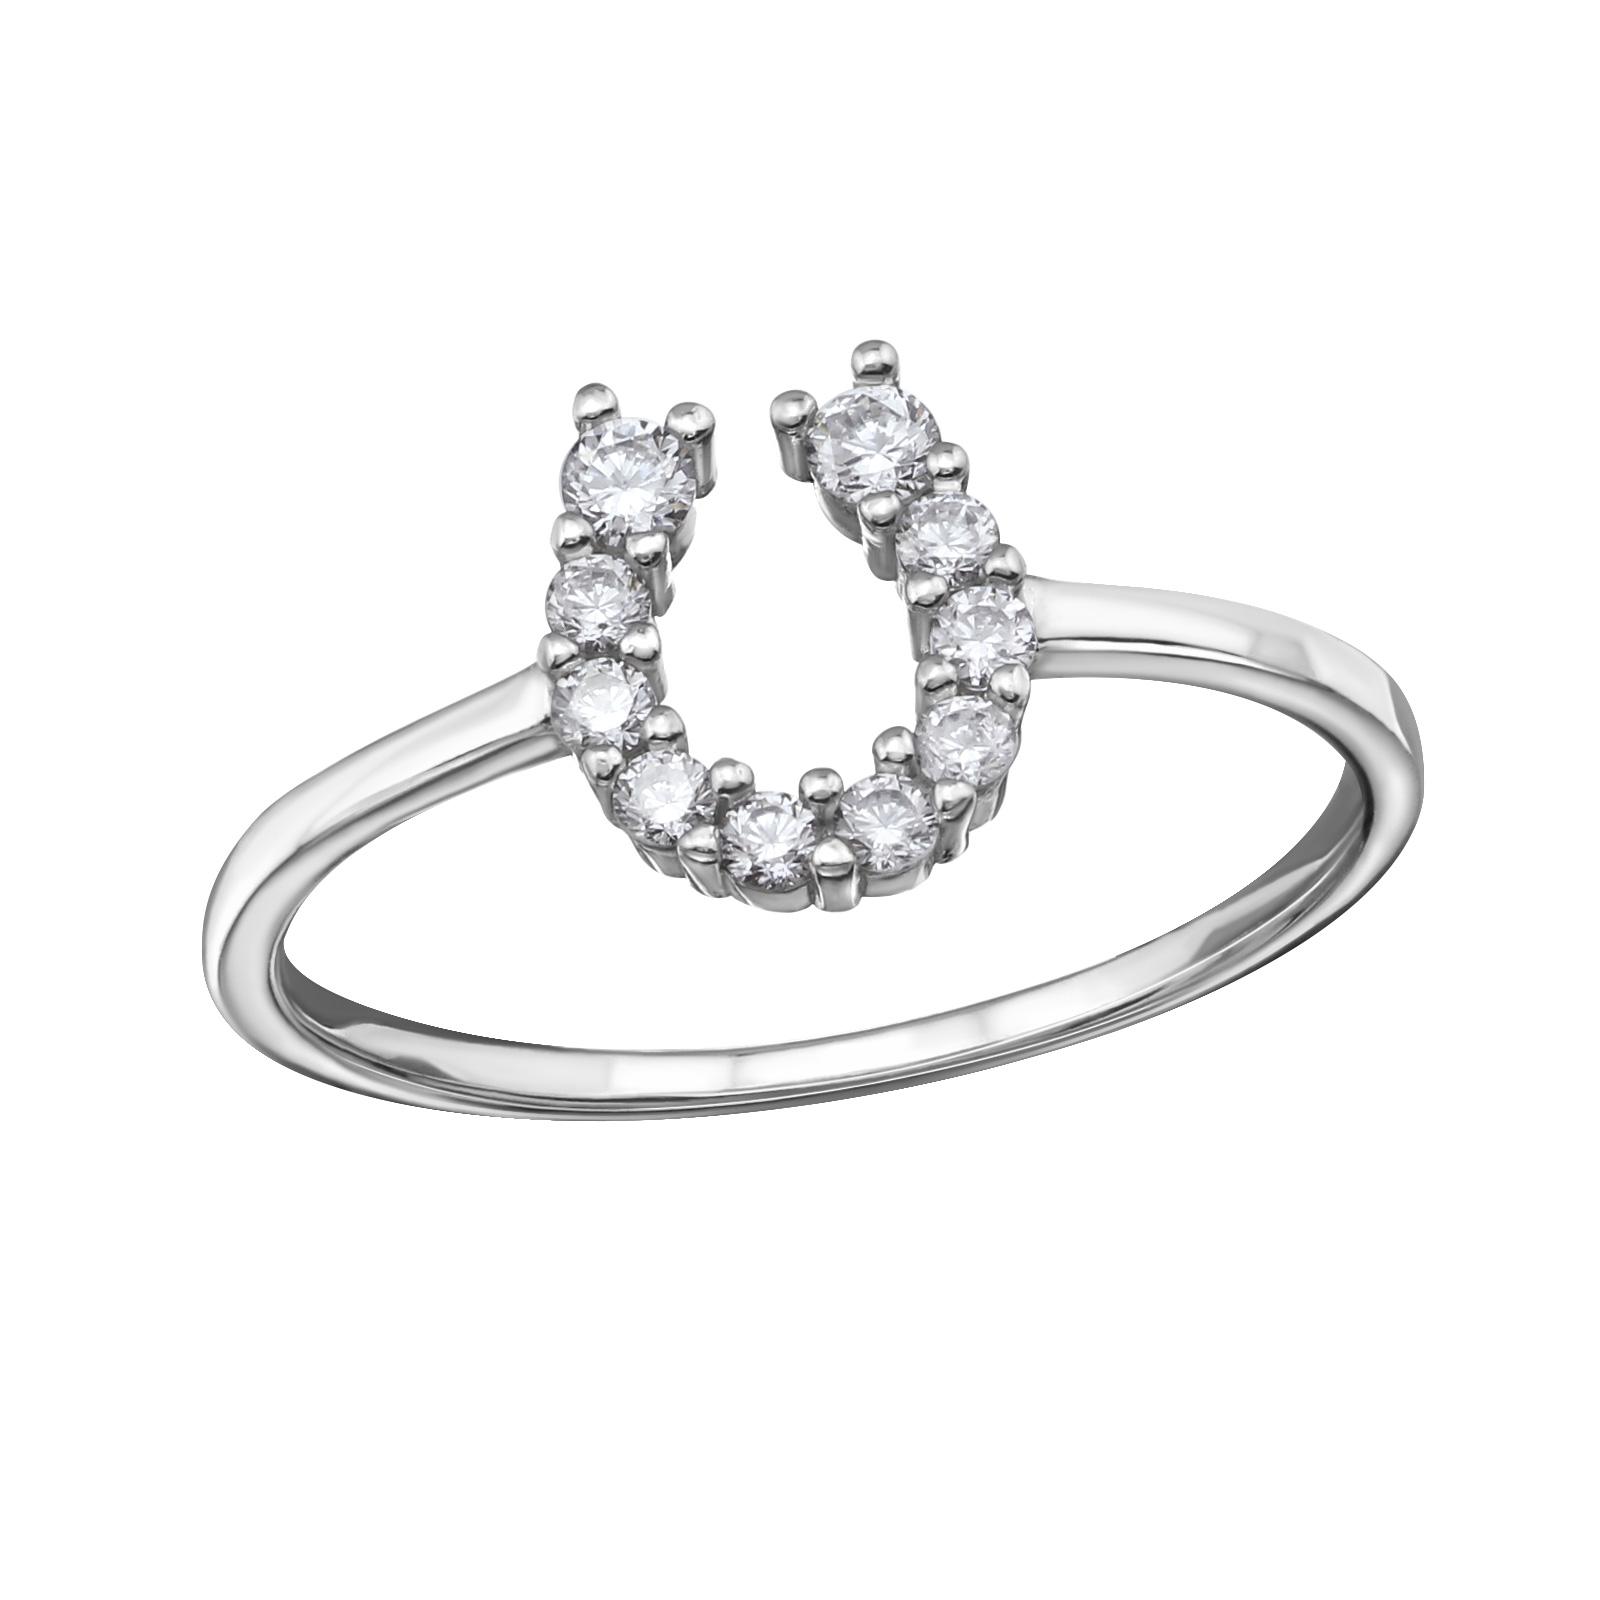 Levně Stříbrný prsten PODKOVA 1238 Velikost prstenů: 8 (EU: 57 - 58) Ag 925; ≤1,45 g.